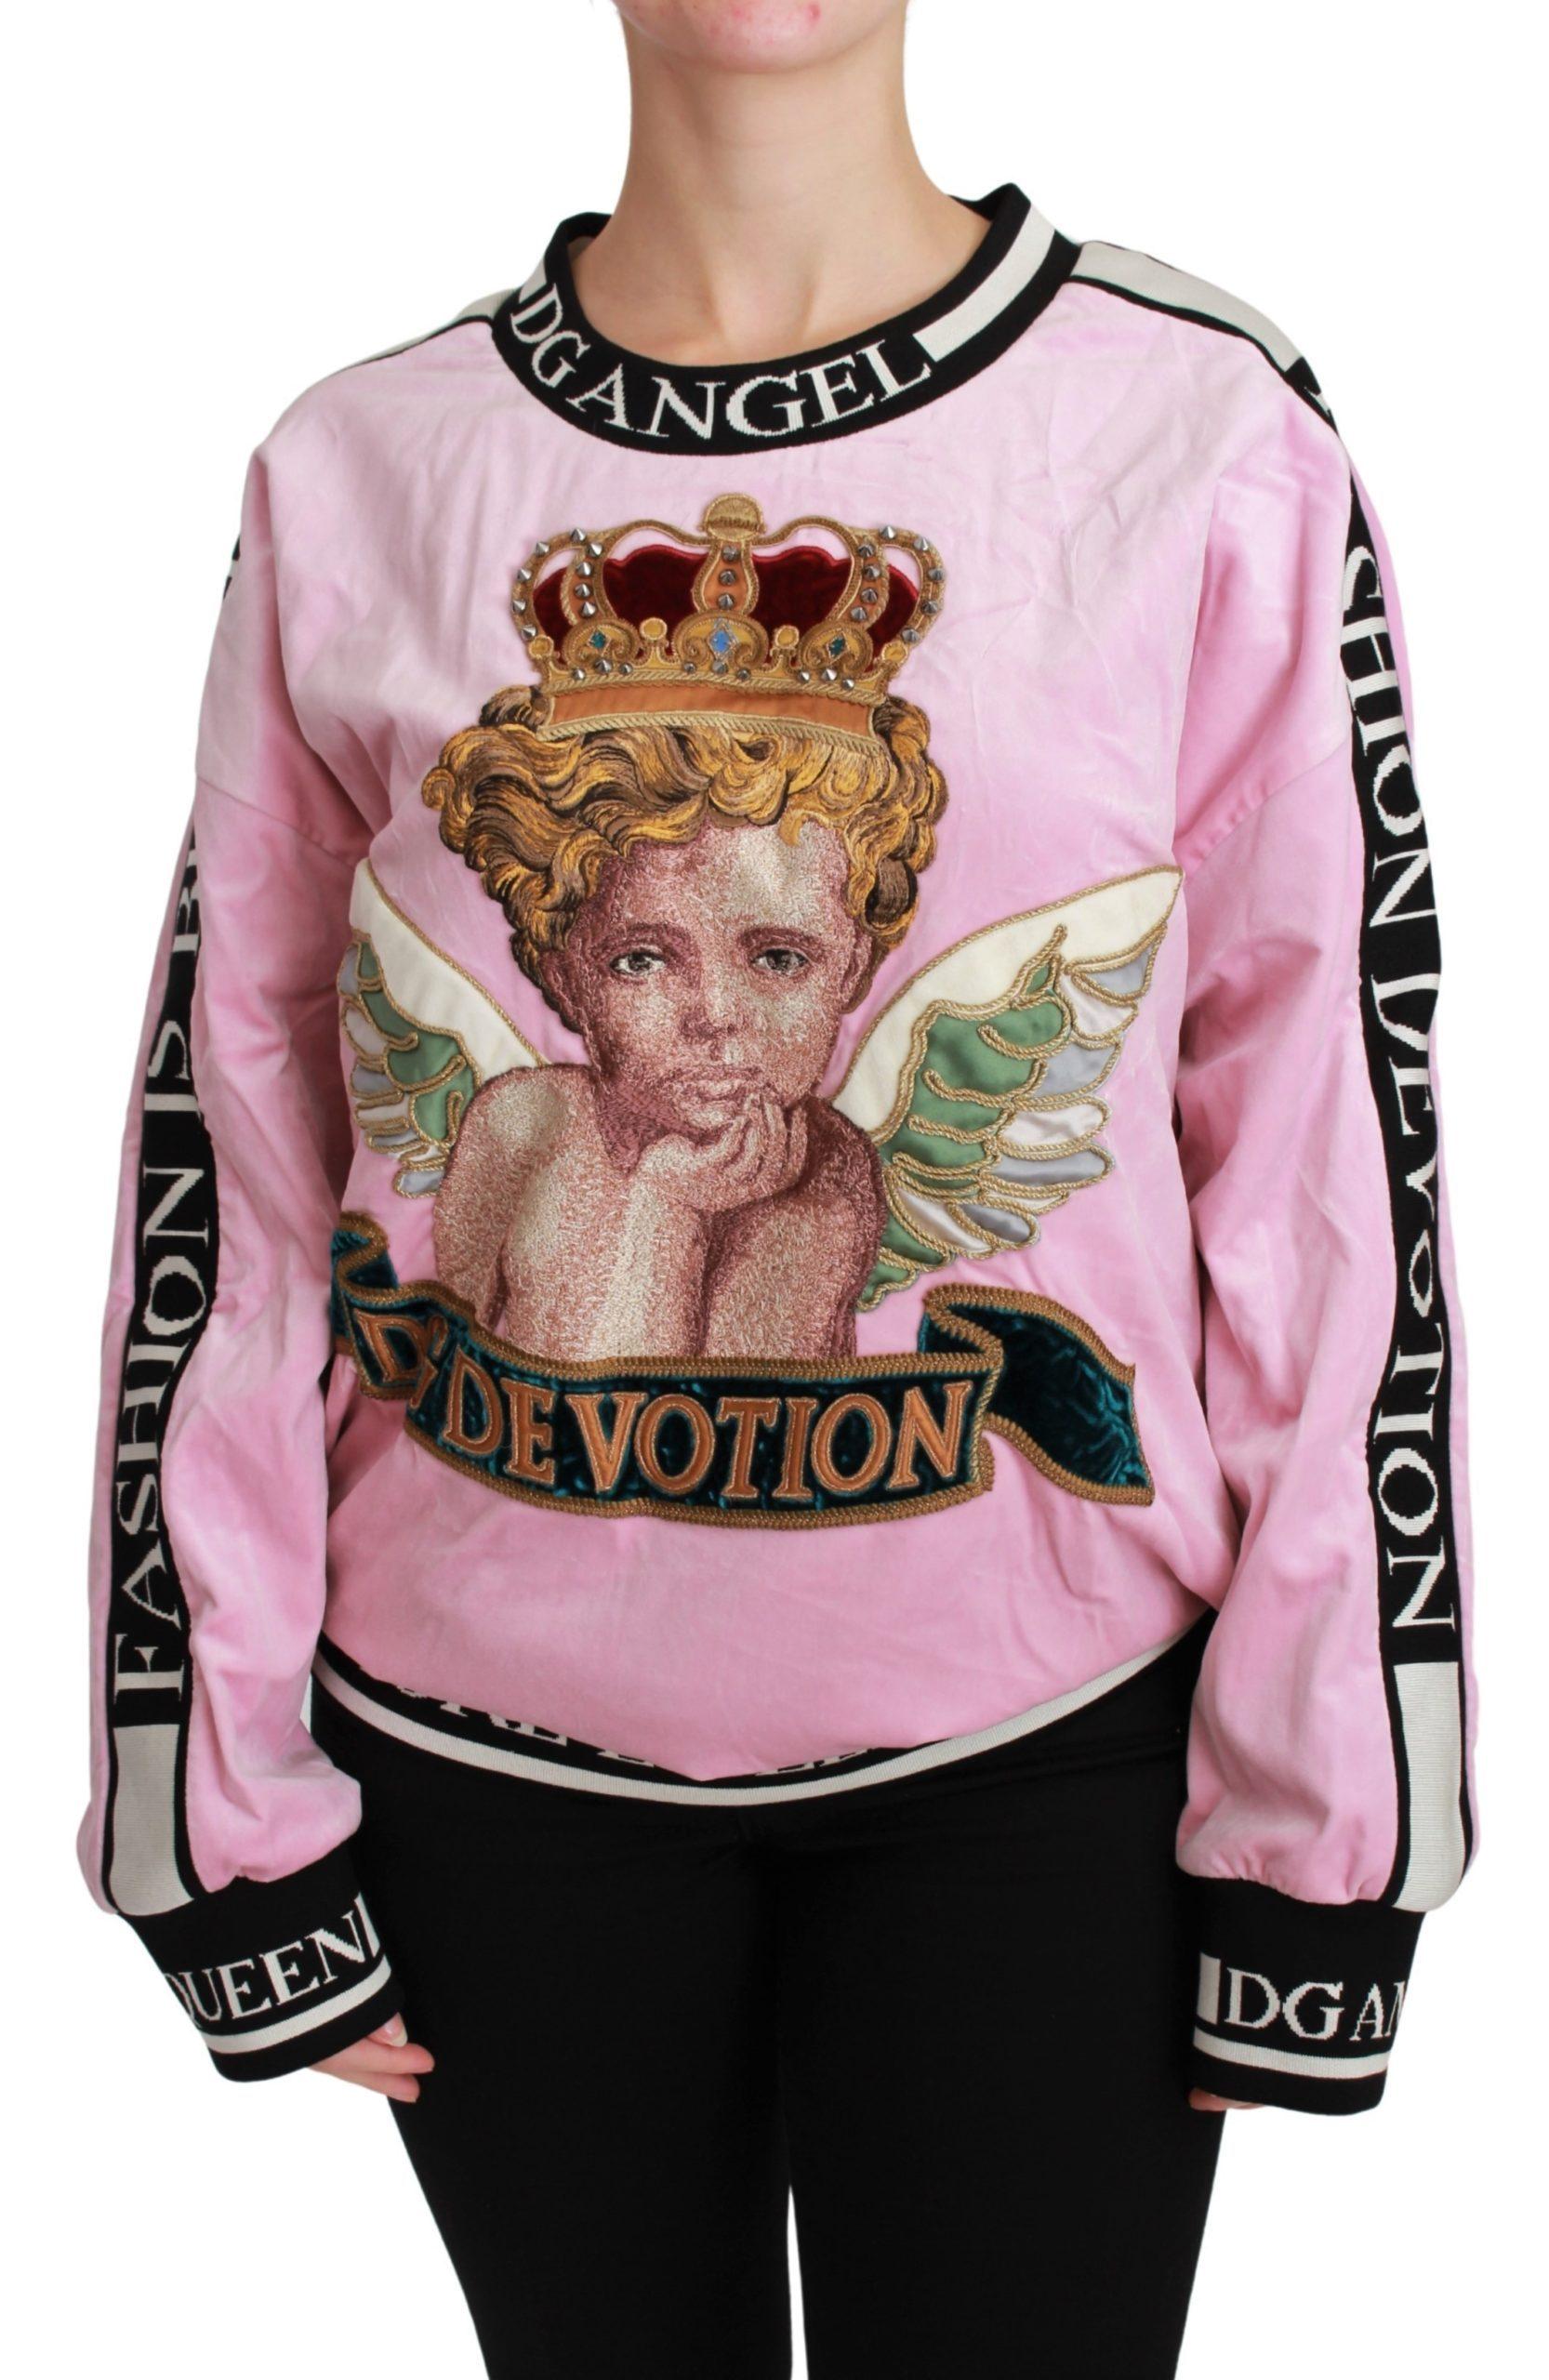 Dolce & Gabbana Women's Angel DG Devotion Velvet Sweater Pink TSH4625 - IT36 | XS